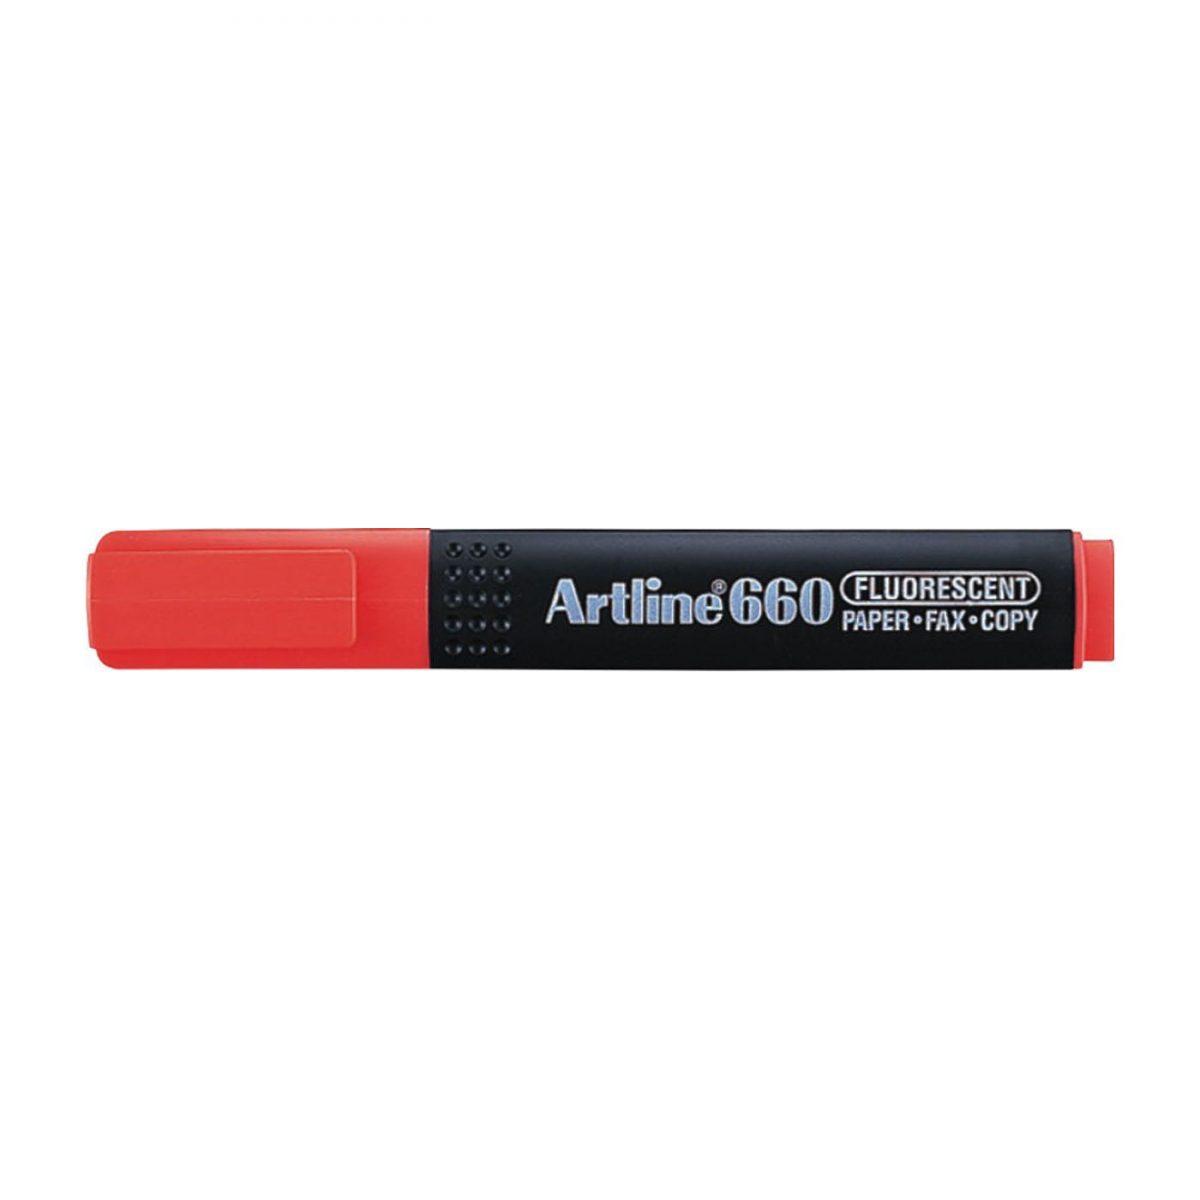 Textmarker ARTLINE 660, varf tesit 1.0-4.0mm - rosu fluorescent